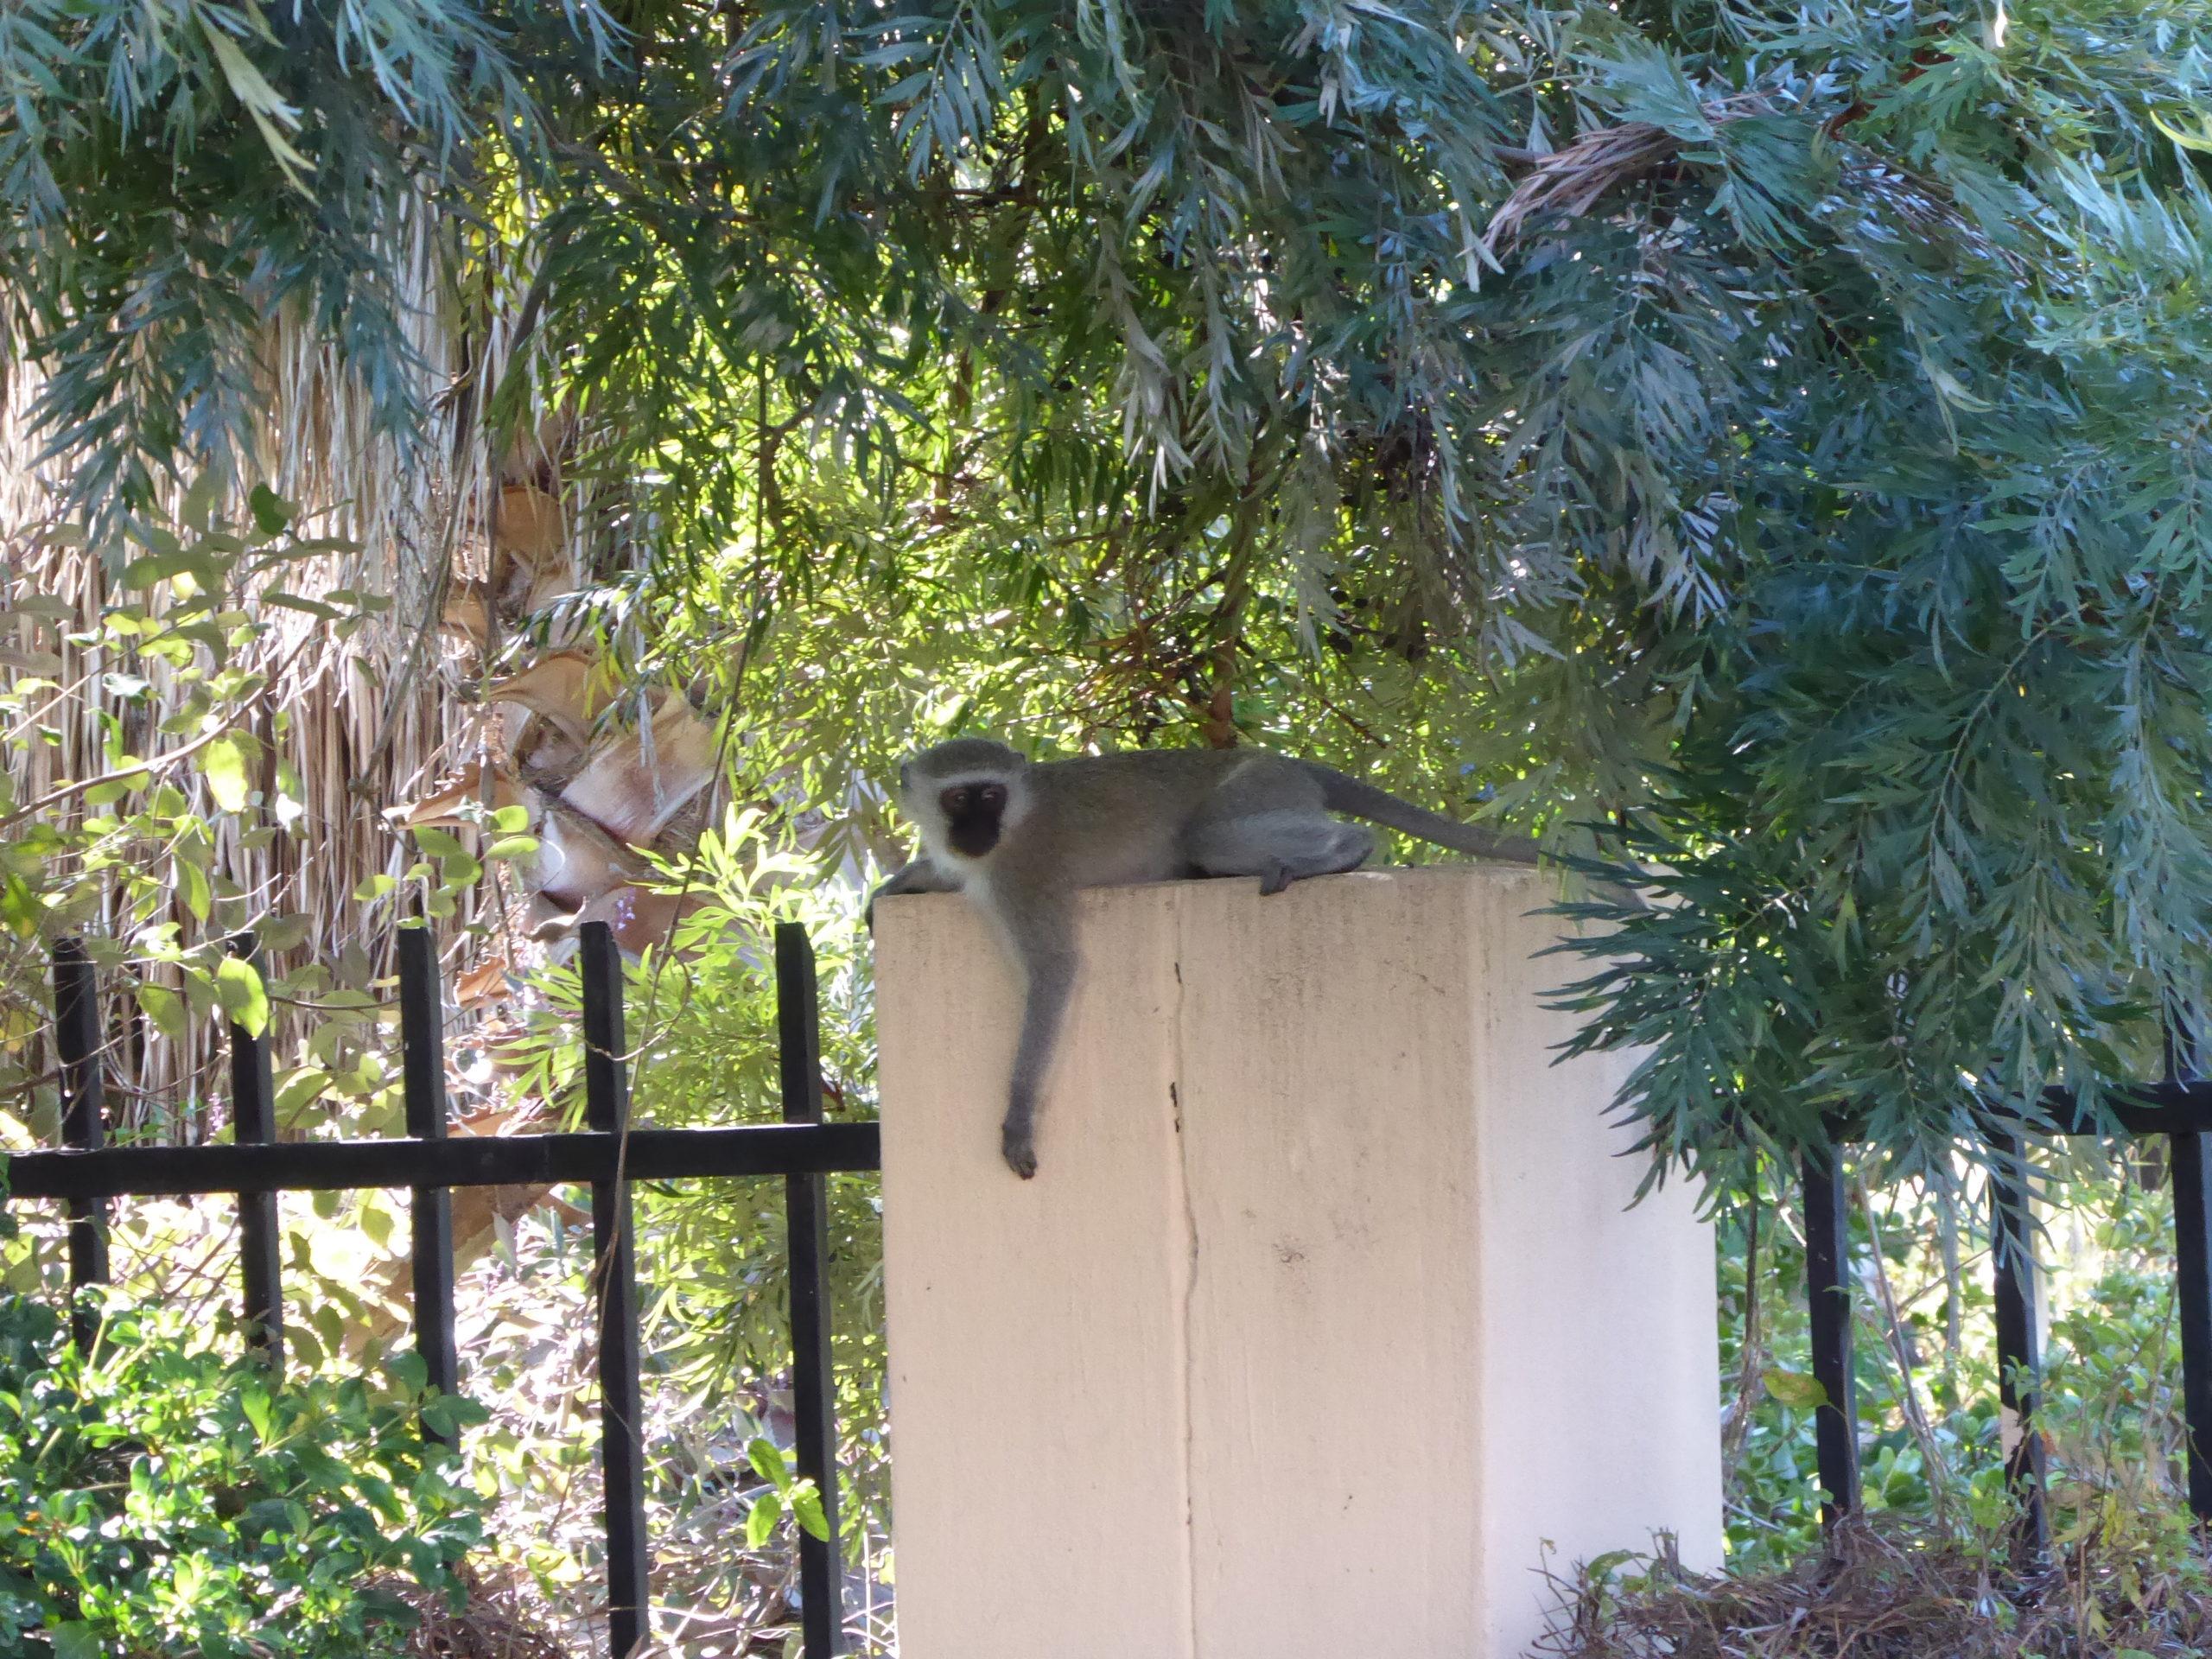 2 monkey